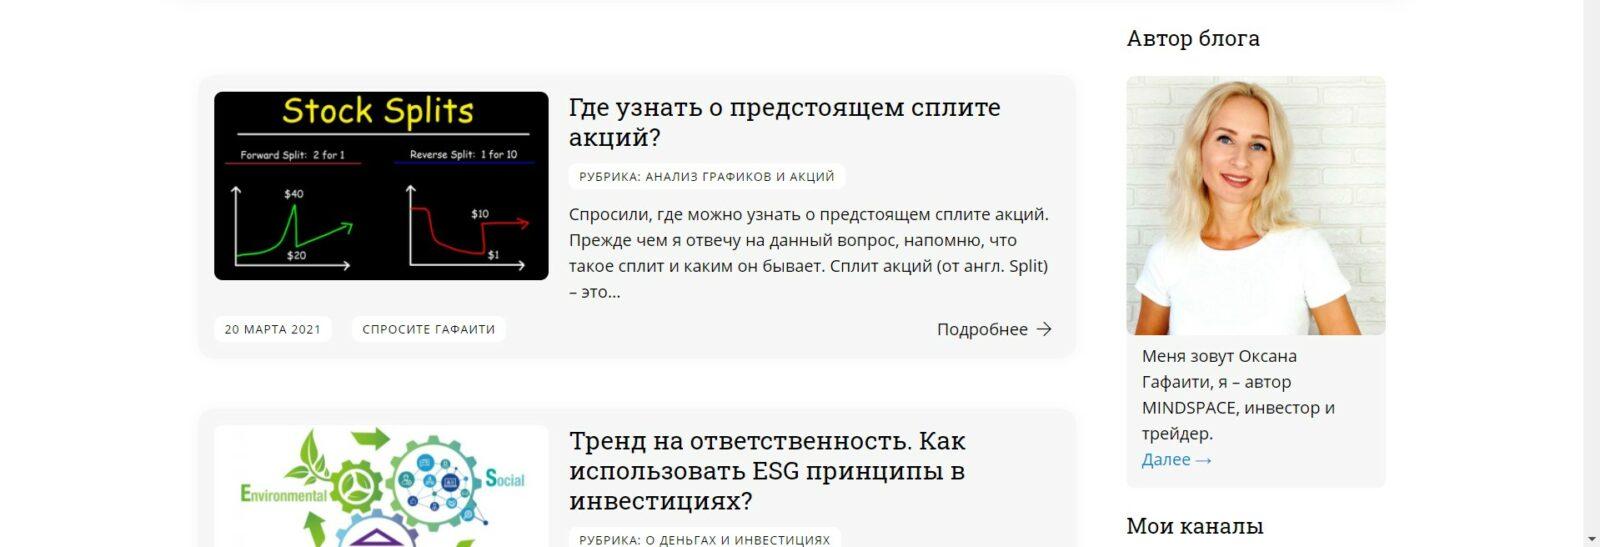 Блог Оксаны Гафаити